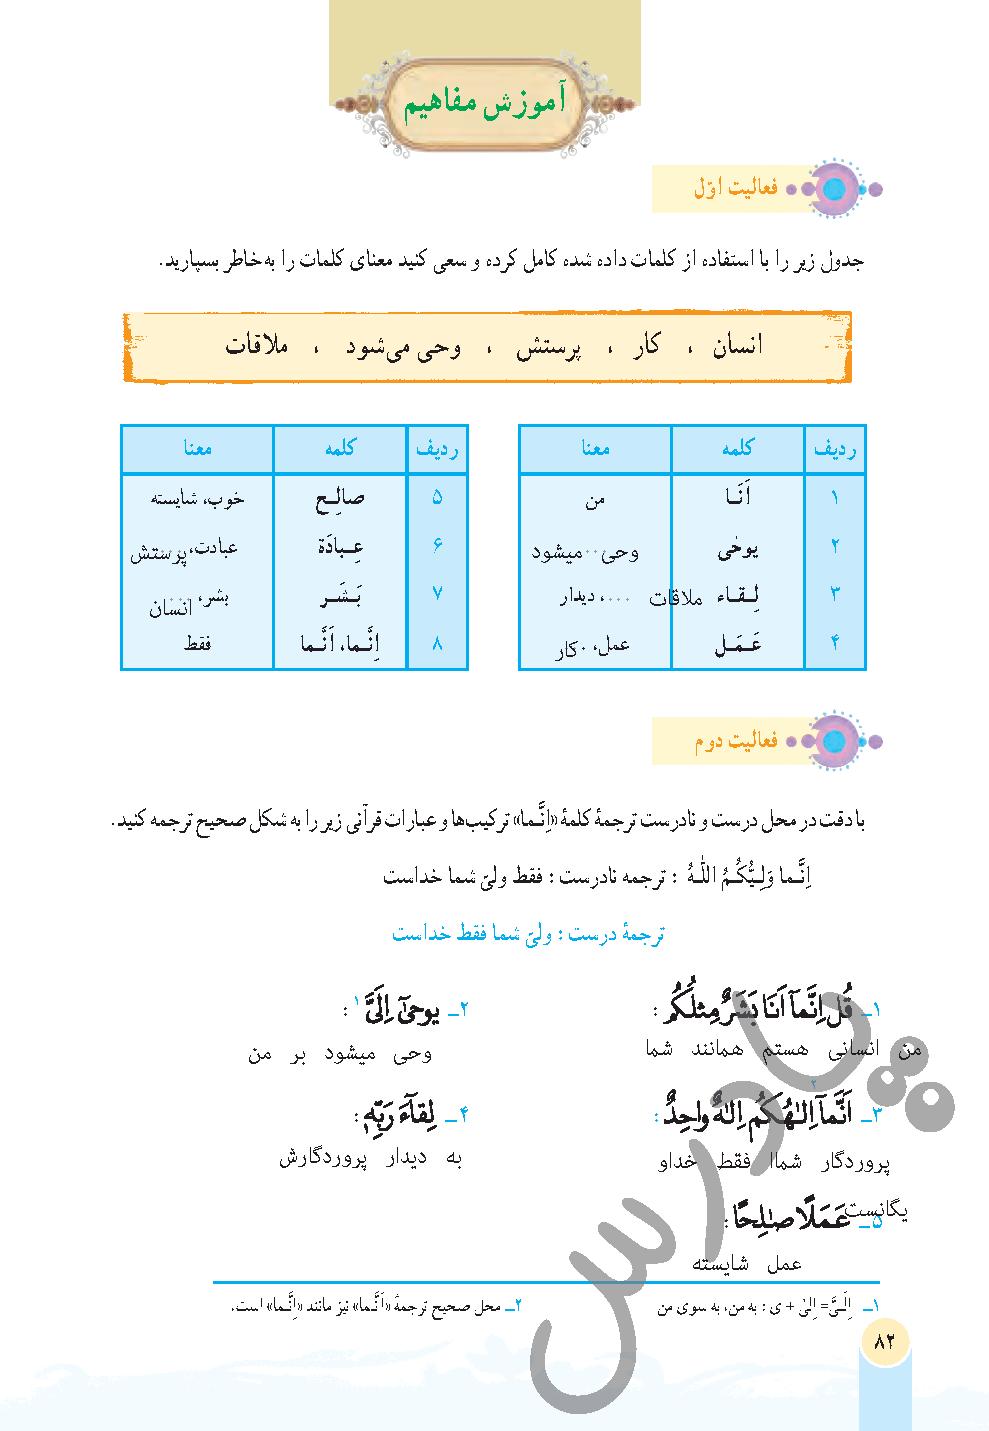 جواب فعالیت درس 9 قرآن هفتم - جلسه اول